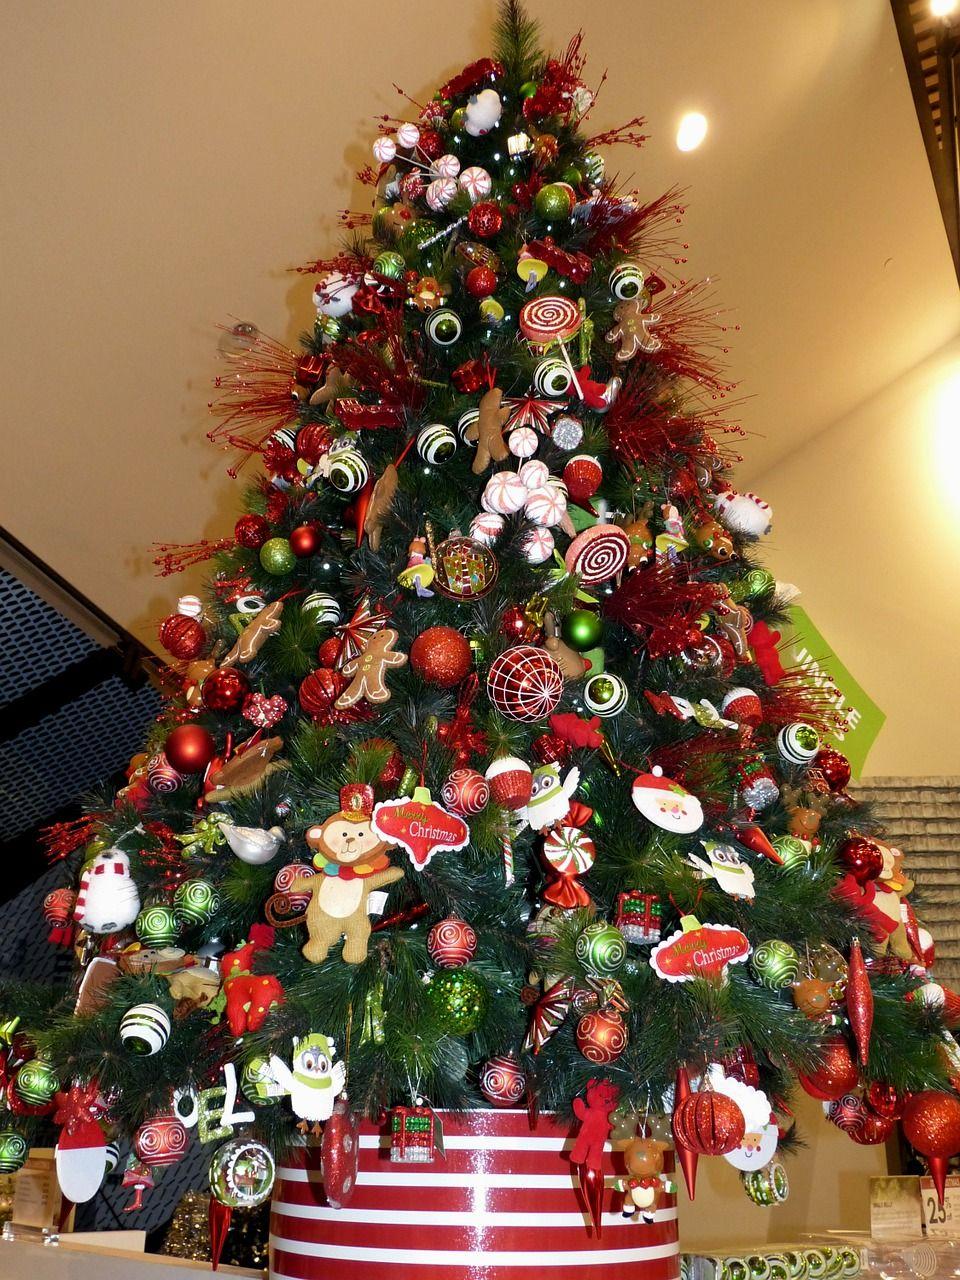 Weihnachtsbaum Kaufen Echt.Der Weihnachtsbaum Aus Spritzguss Täuschend Echt Weihnachten